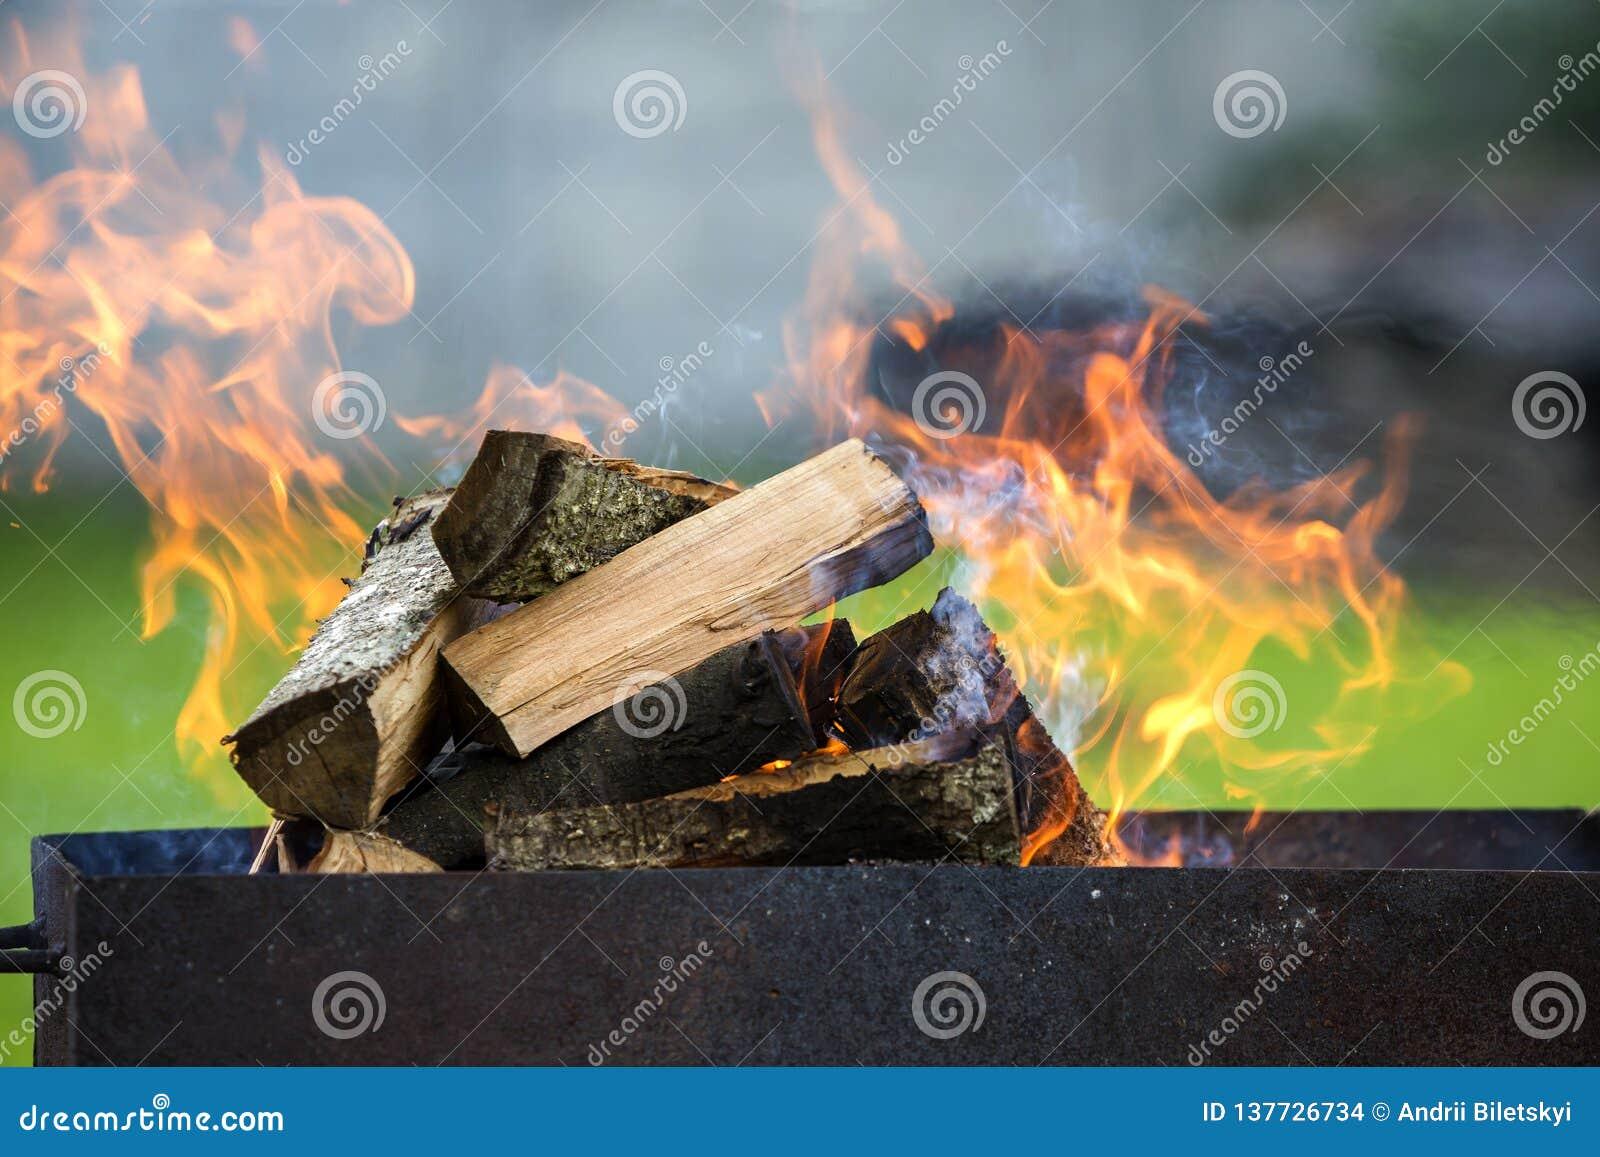 Brillantemente quemando en la leña de la caja del metal para la barbacoa al aire libre Concepto el acampar, de la seguridad y del